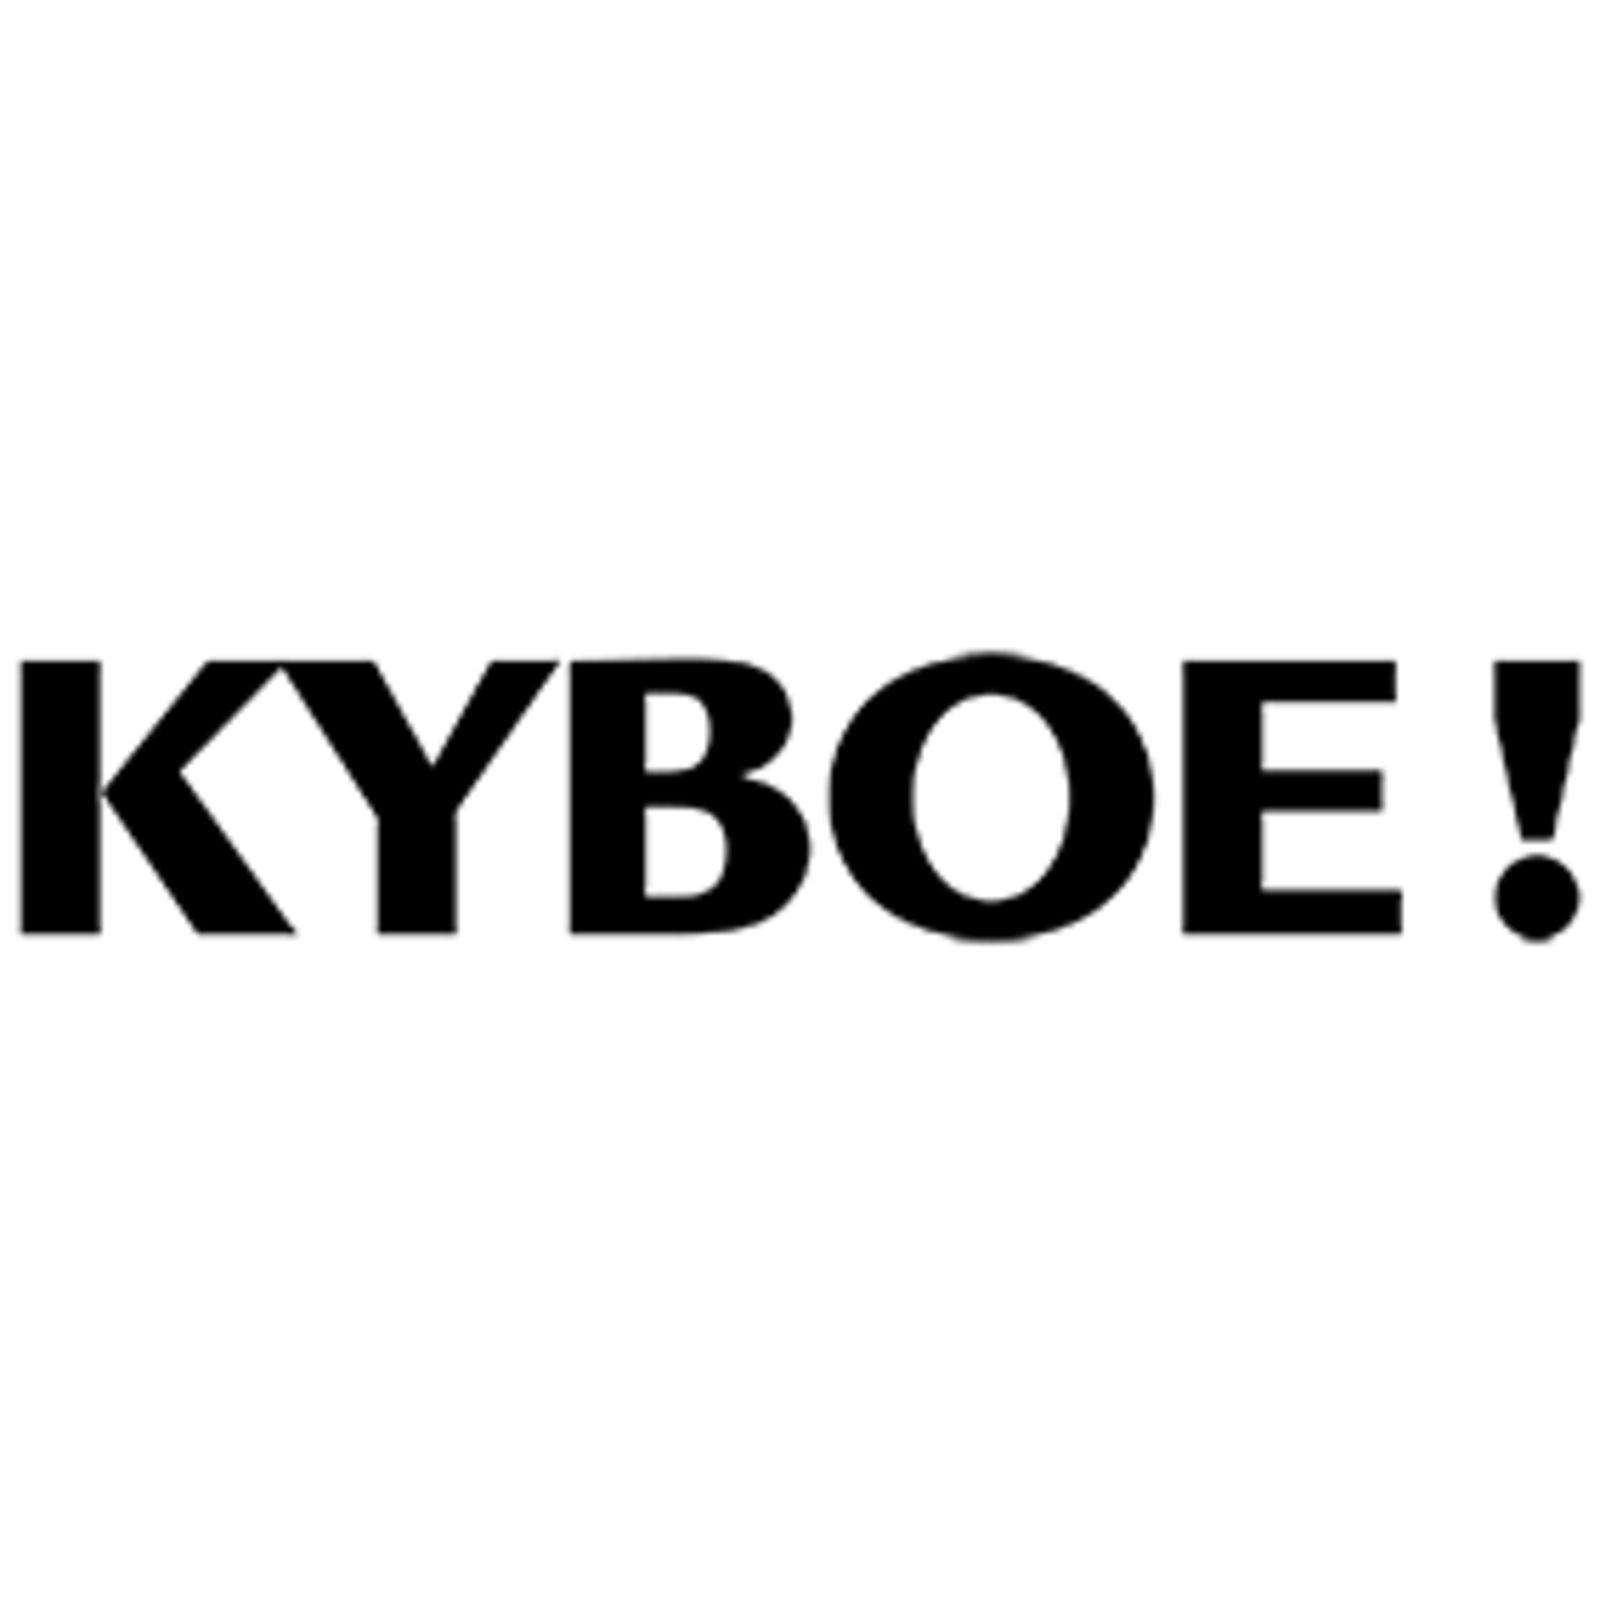 KYBOE !